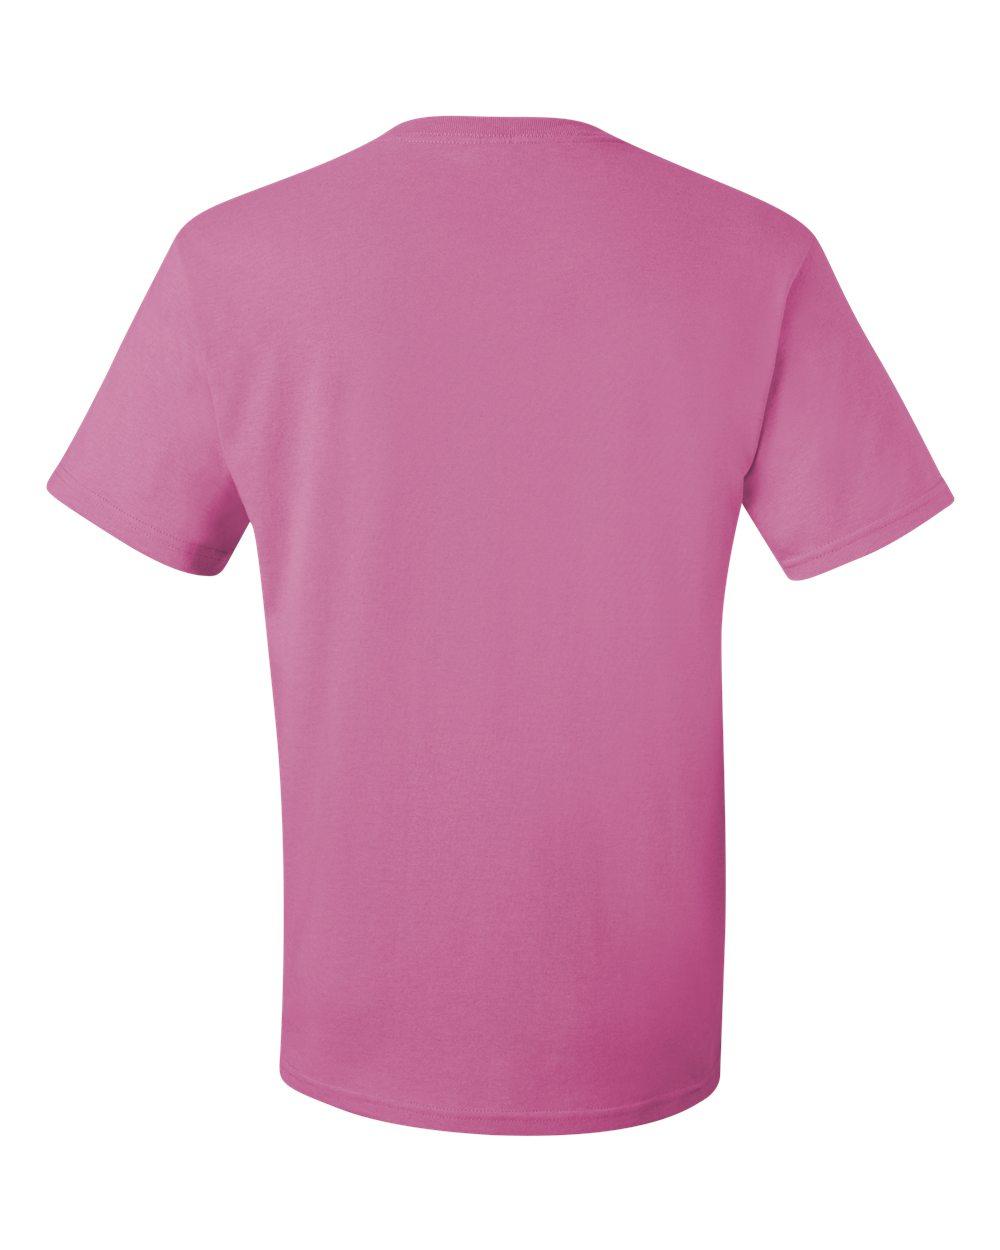 Jerzees-Men-039-s-5-6-oz-50-50-Heavyweight-Blend-T-Shirt-29M-S-4XL thumbnail 64